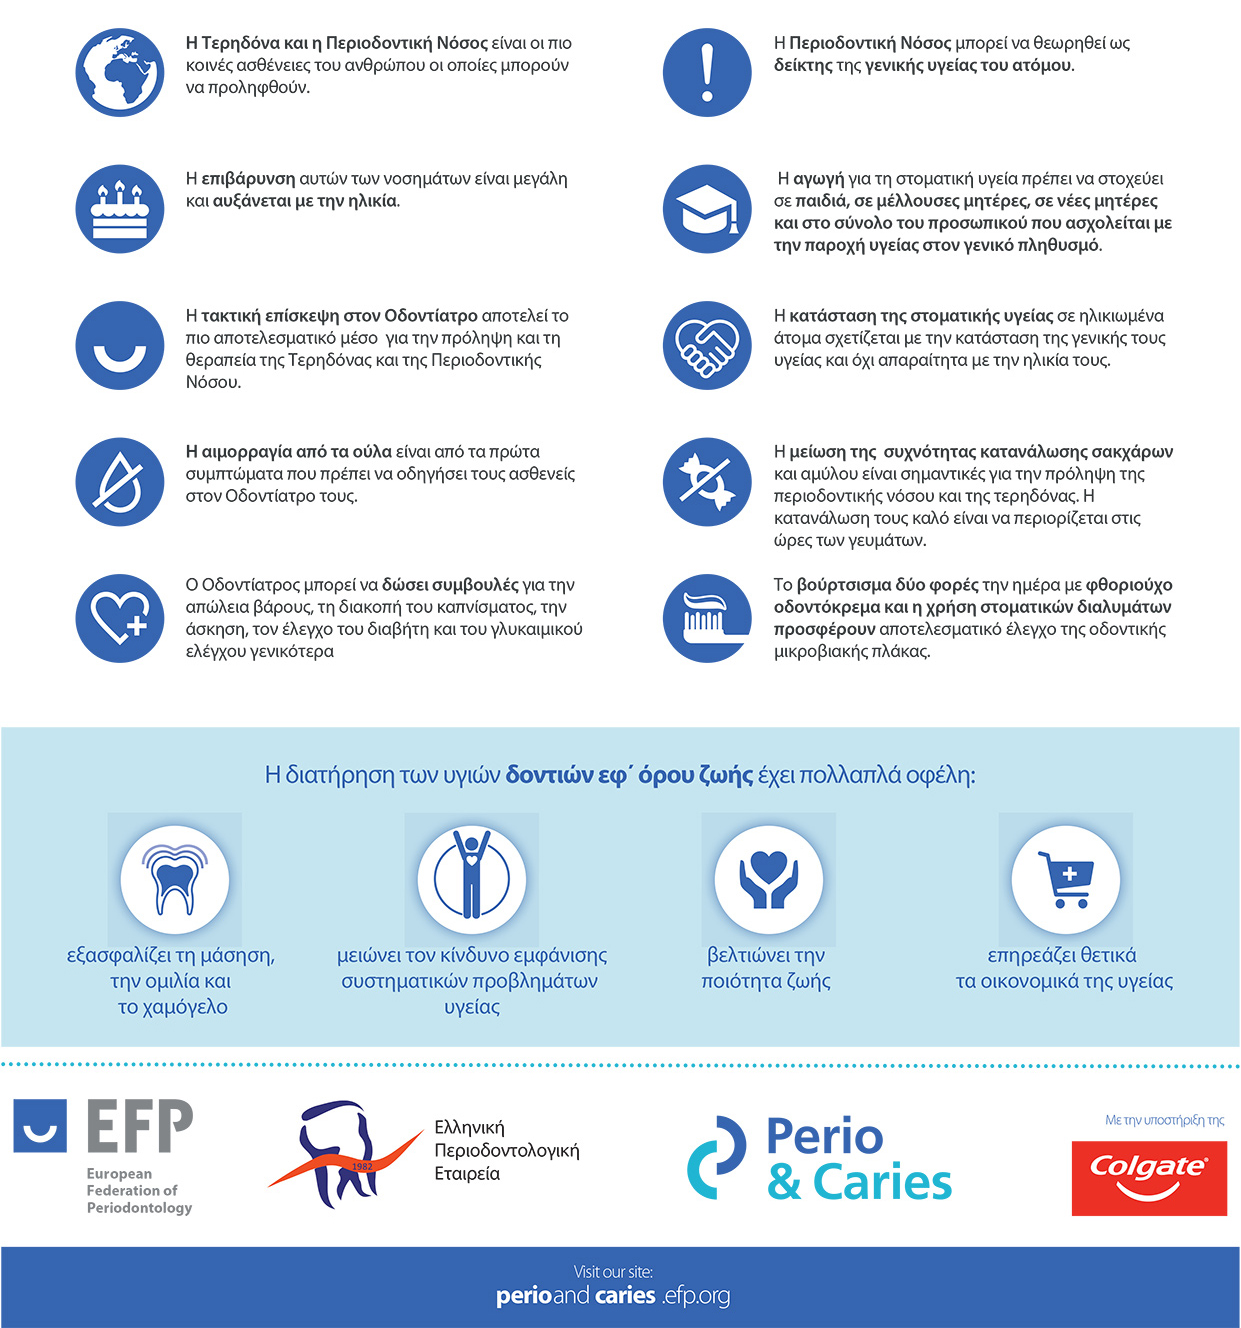 ΕΠΕ | Περιοδοντική Νόσος & Τερηδόνα Β